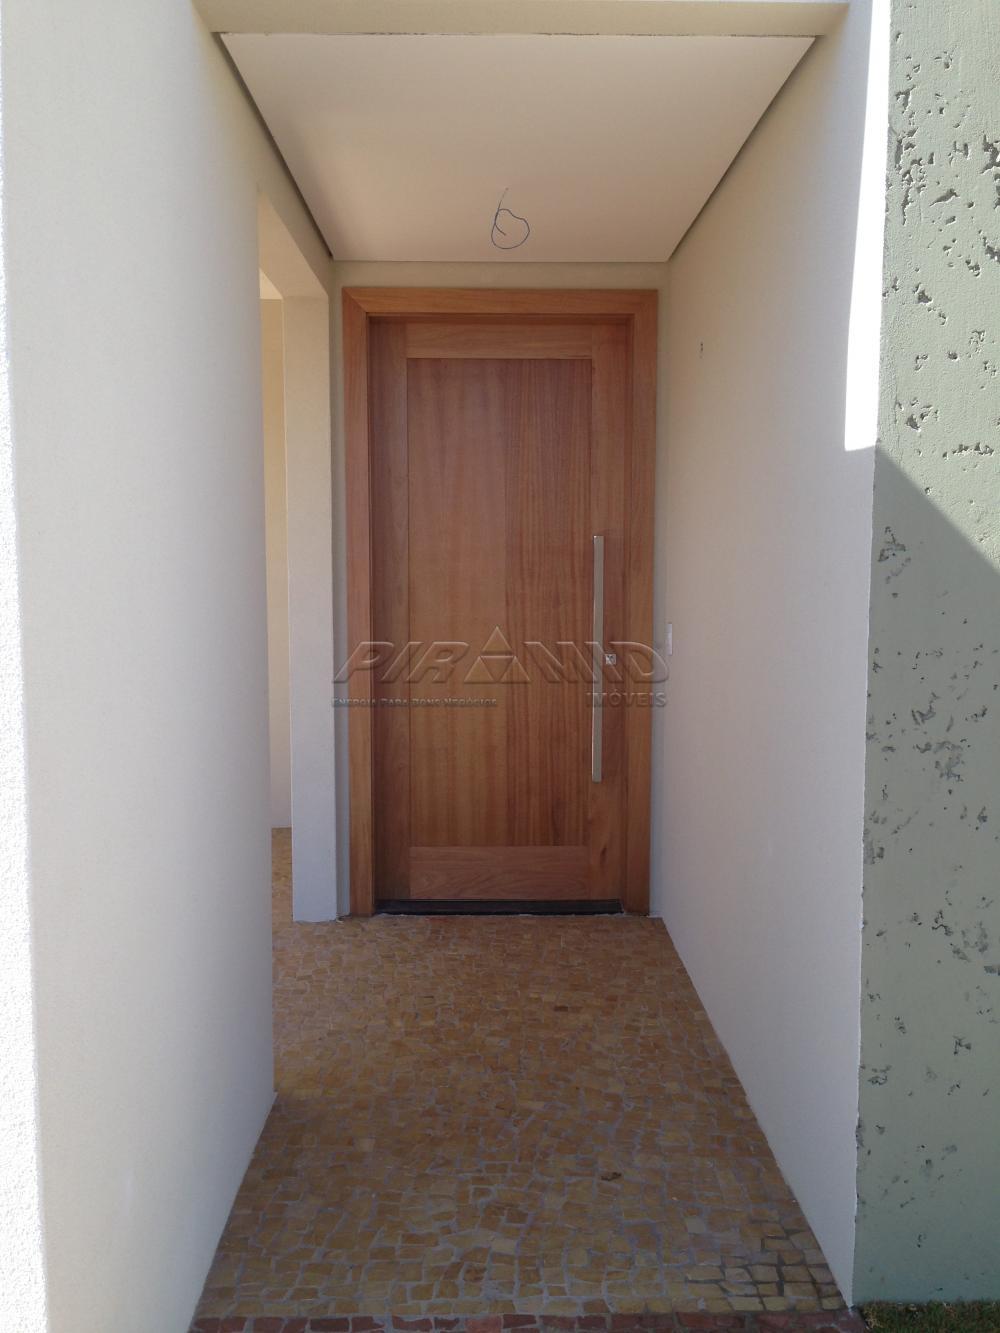 Comprar Casa / Condomínio em Bonfim Paulista apenas R$ 1.600.000,00 - Foto 3